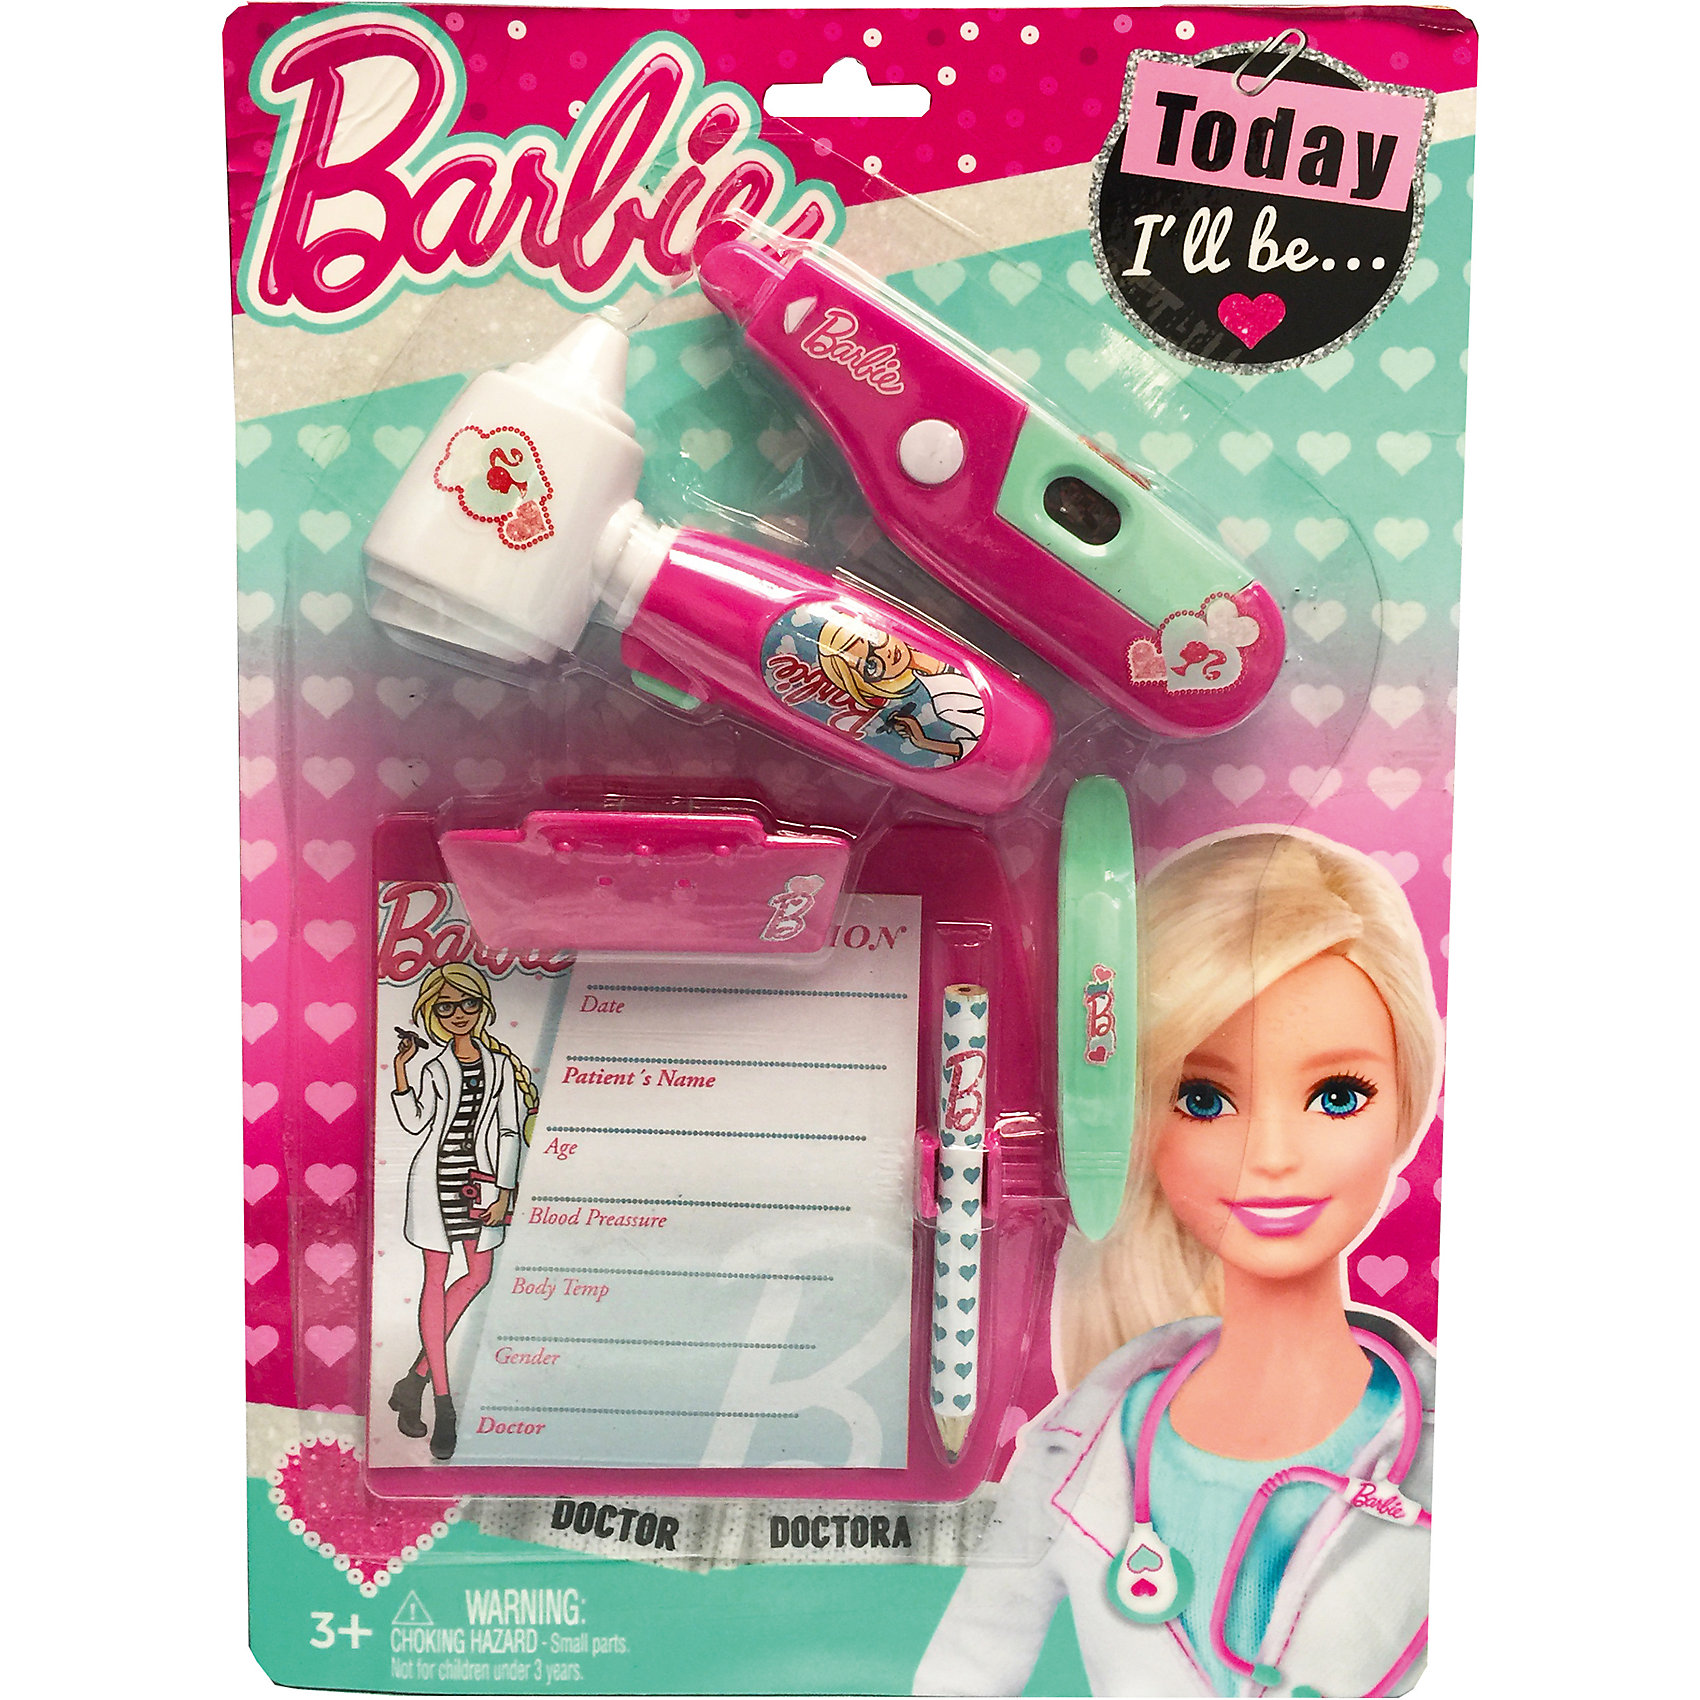 Игровой набор юного доктора на блистере, BarbieСюжетно-ролевые игры<br>Игровой набор юного доктора на блистере, Barbie (Барби).<br><br>Характеристики:<br><br>• Материал: пластик. <br>• Размер упаковки: 30х21х4 см.<br>• Комплектация: градусник – 1 шт. ; отоскоп – 1 шт; планшет для записей с карандашом – 1 шт.; заколочка – 1 шт.<br>• Звуковые, эффекты. <br>• Отличная детализация. <br>• Элемент питания: в градусник - 2 батарейки AG10, (входят в комплект); в отоскоп - 2 батарейки AG10, (входят в комплект).<br>• Яркий привлекательный дизайн.<br><br>С этим ярким набором врача ваша девочка почувствует себя самым настоящим доктором. Все аксессуары отлично детализированы и хорошо проработаны, очень похожи на медицинские инструменты. Игрушки изготовлены из экологичного пластика, в производстве которого использованы только безопасные нетоксичные красители.<br><br>Игровой набор юного доктора на блистере, Barbie (Барби), можно купить в нашем интернет-магазине.<br><br>Ширина мм: 210<br>Глубина мм: 300<br>Высота мм: 450<br>Вес г: 163<br>Возраст от месяцев: 36<br>Возраст до месяцев: 2147483647<br>Пол: Женский<br>Возраст: Детский<br>SKU: 5238930